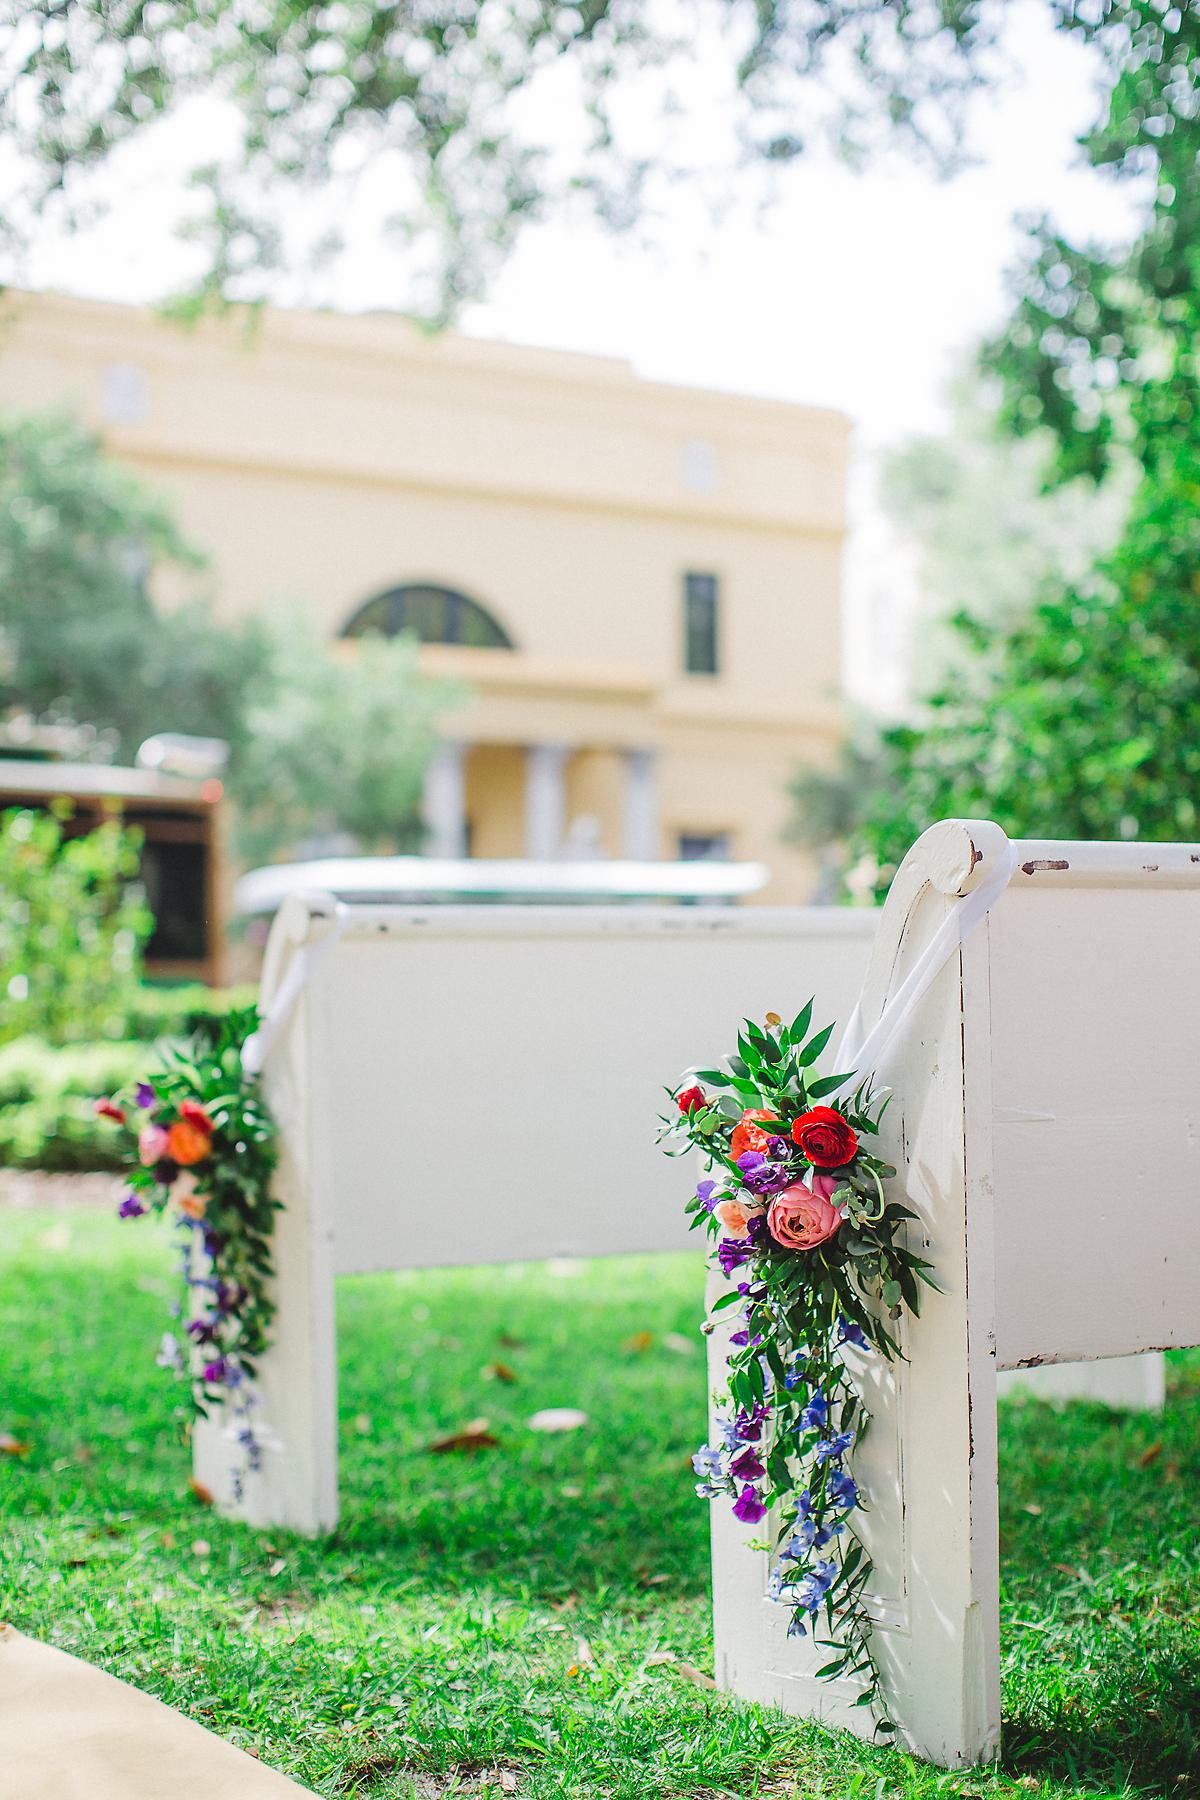 mansion-on-forsyth-park-wedding-6(1).jpg